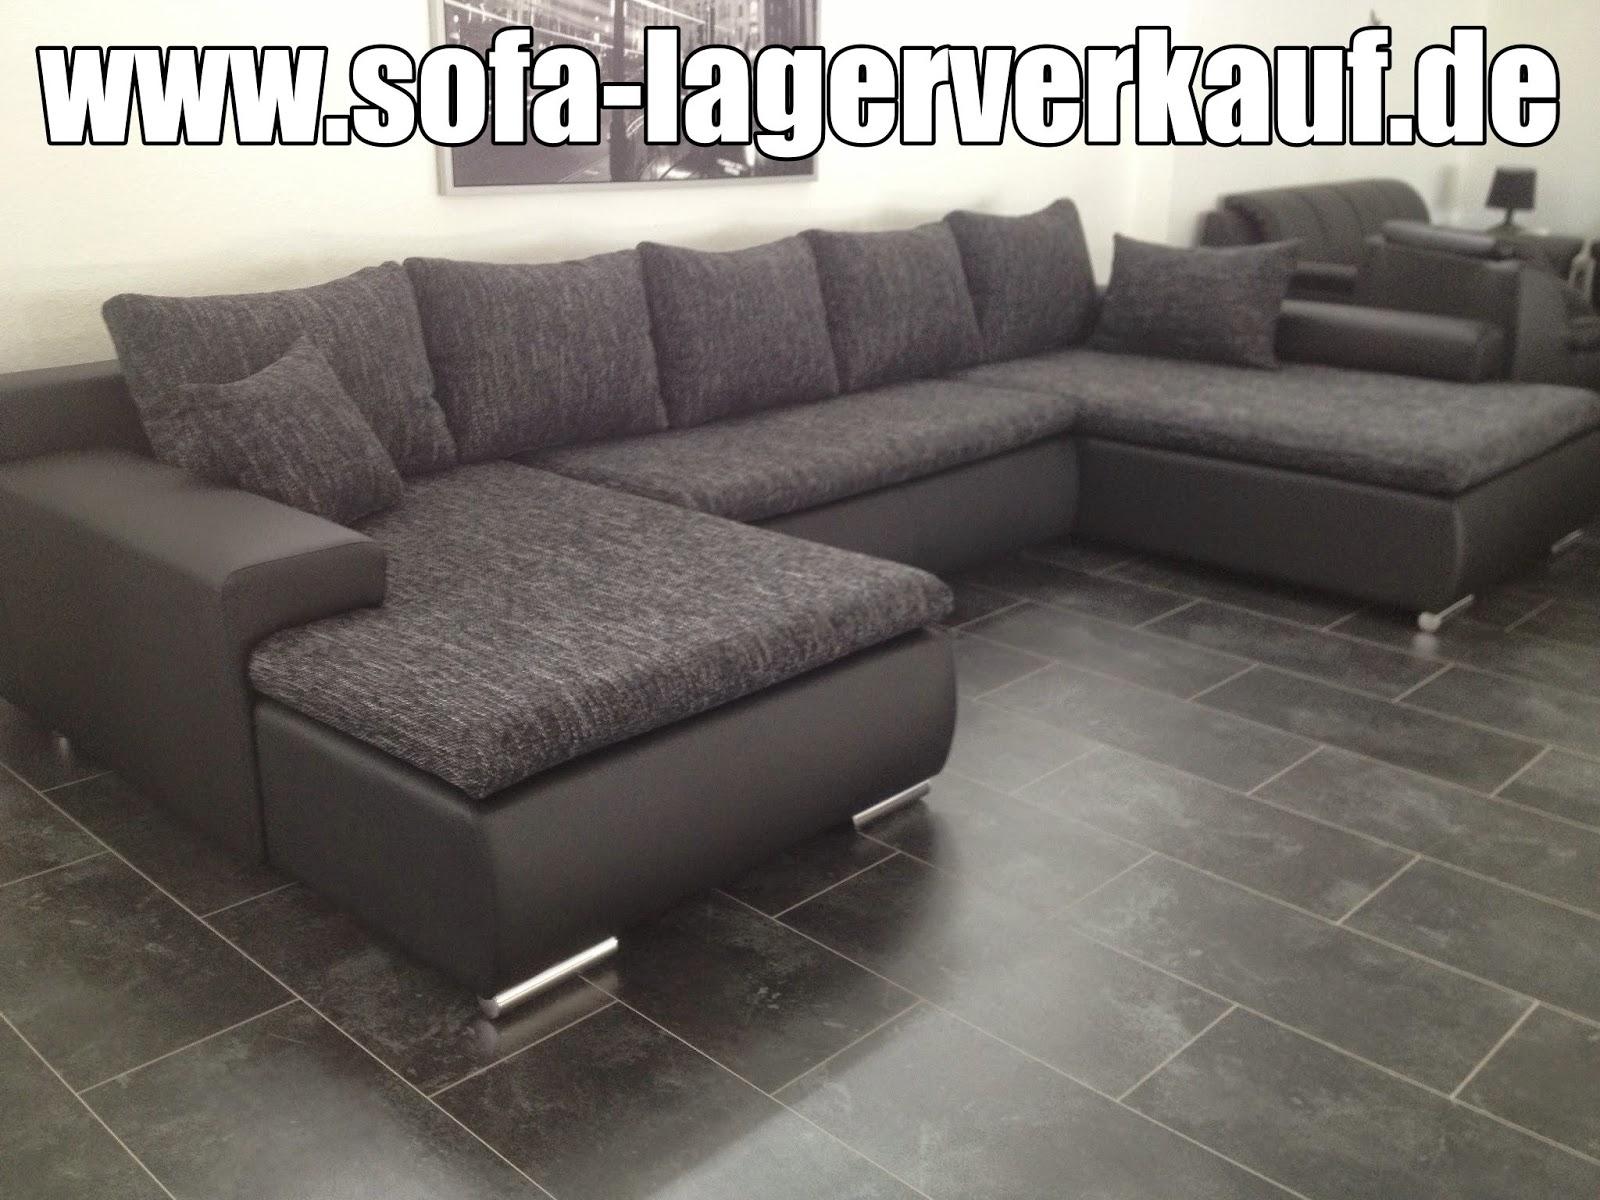 Sofa Hersteller Deutschland Sofa Hersteller Deutschland By Sofa